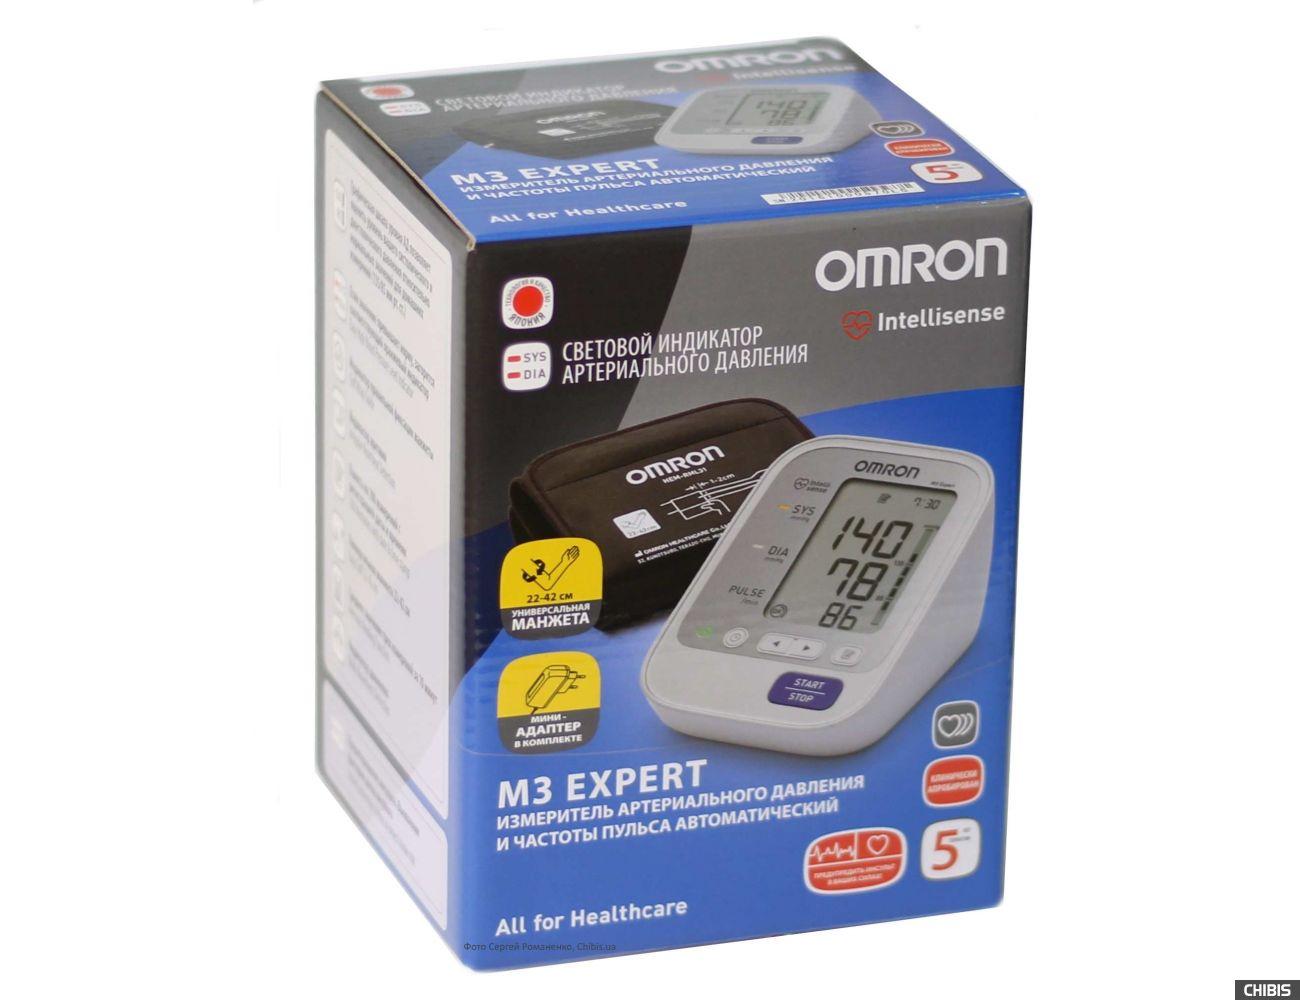 Тонометр Omron M3 Expert с адаптером и манжетой 22-42 см HEM-7132-ALRU